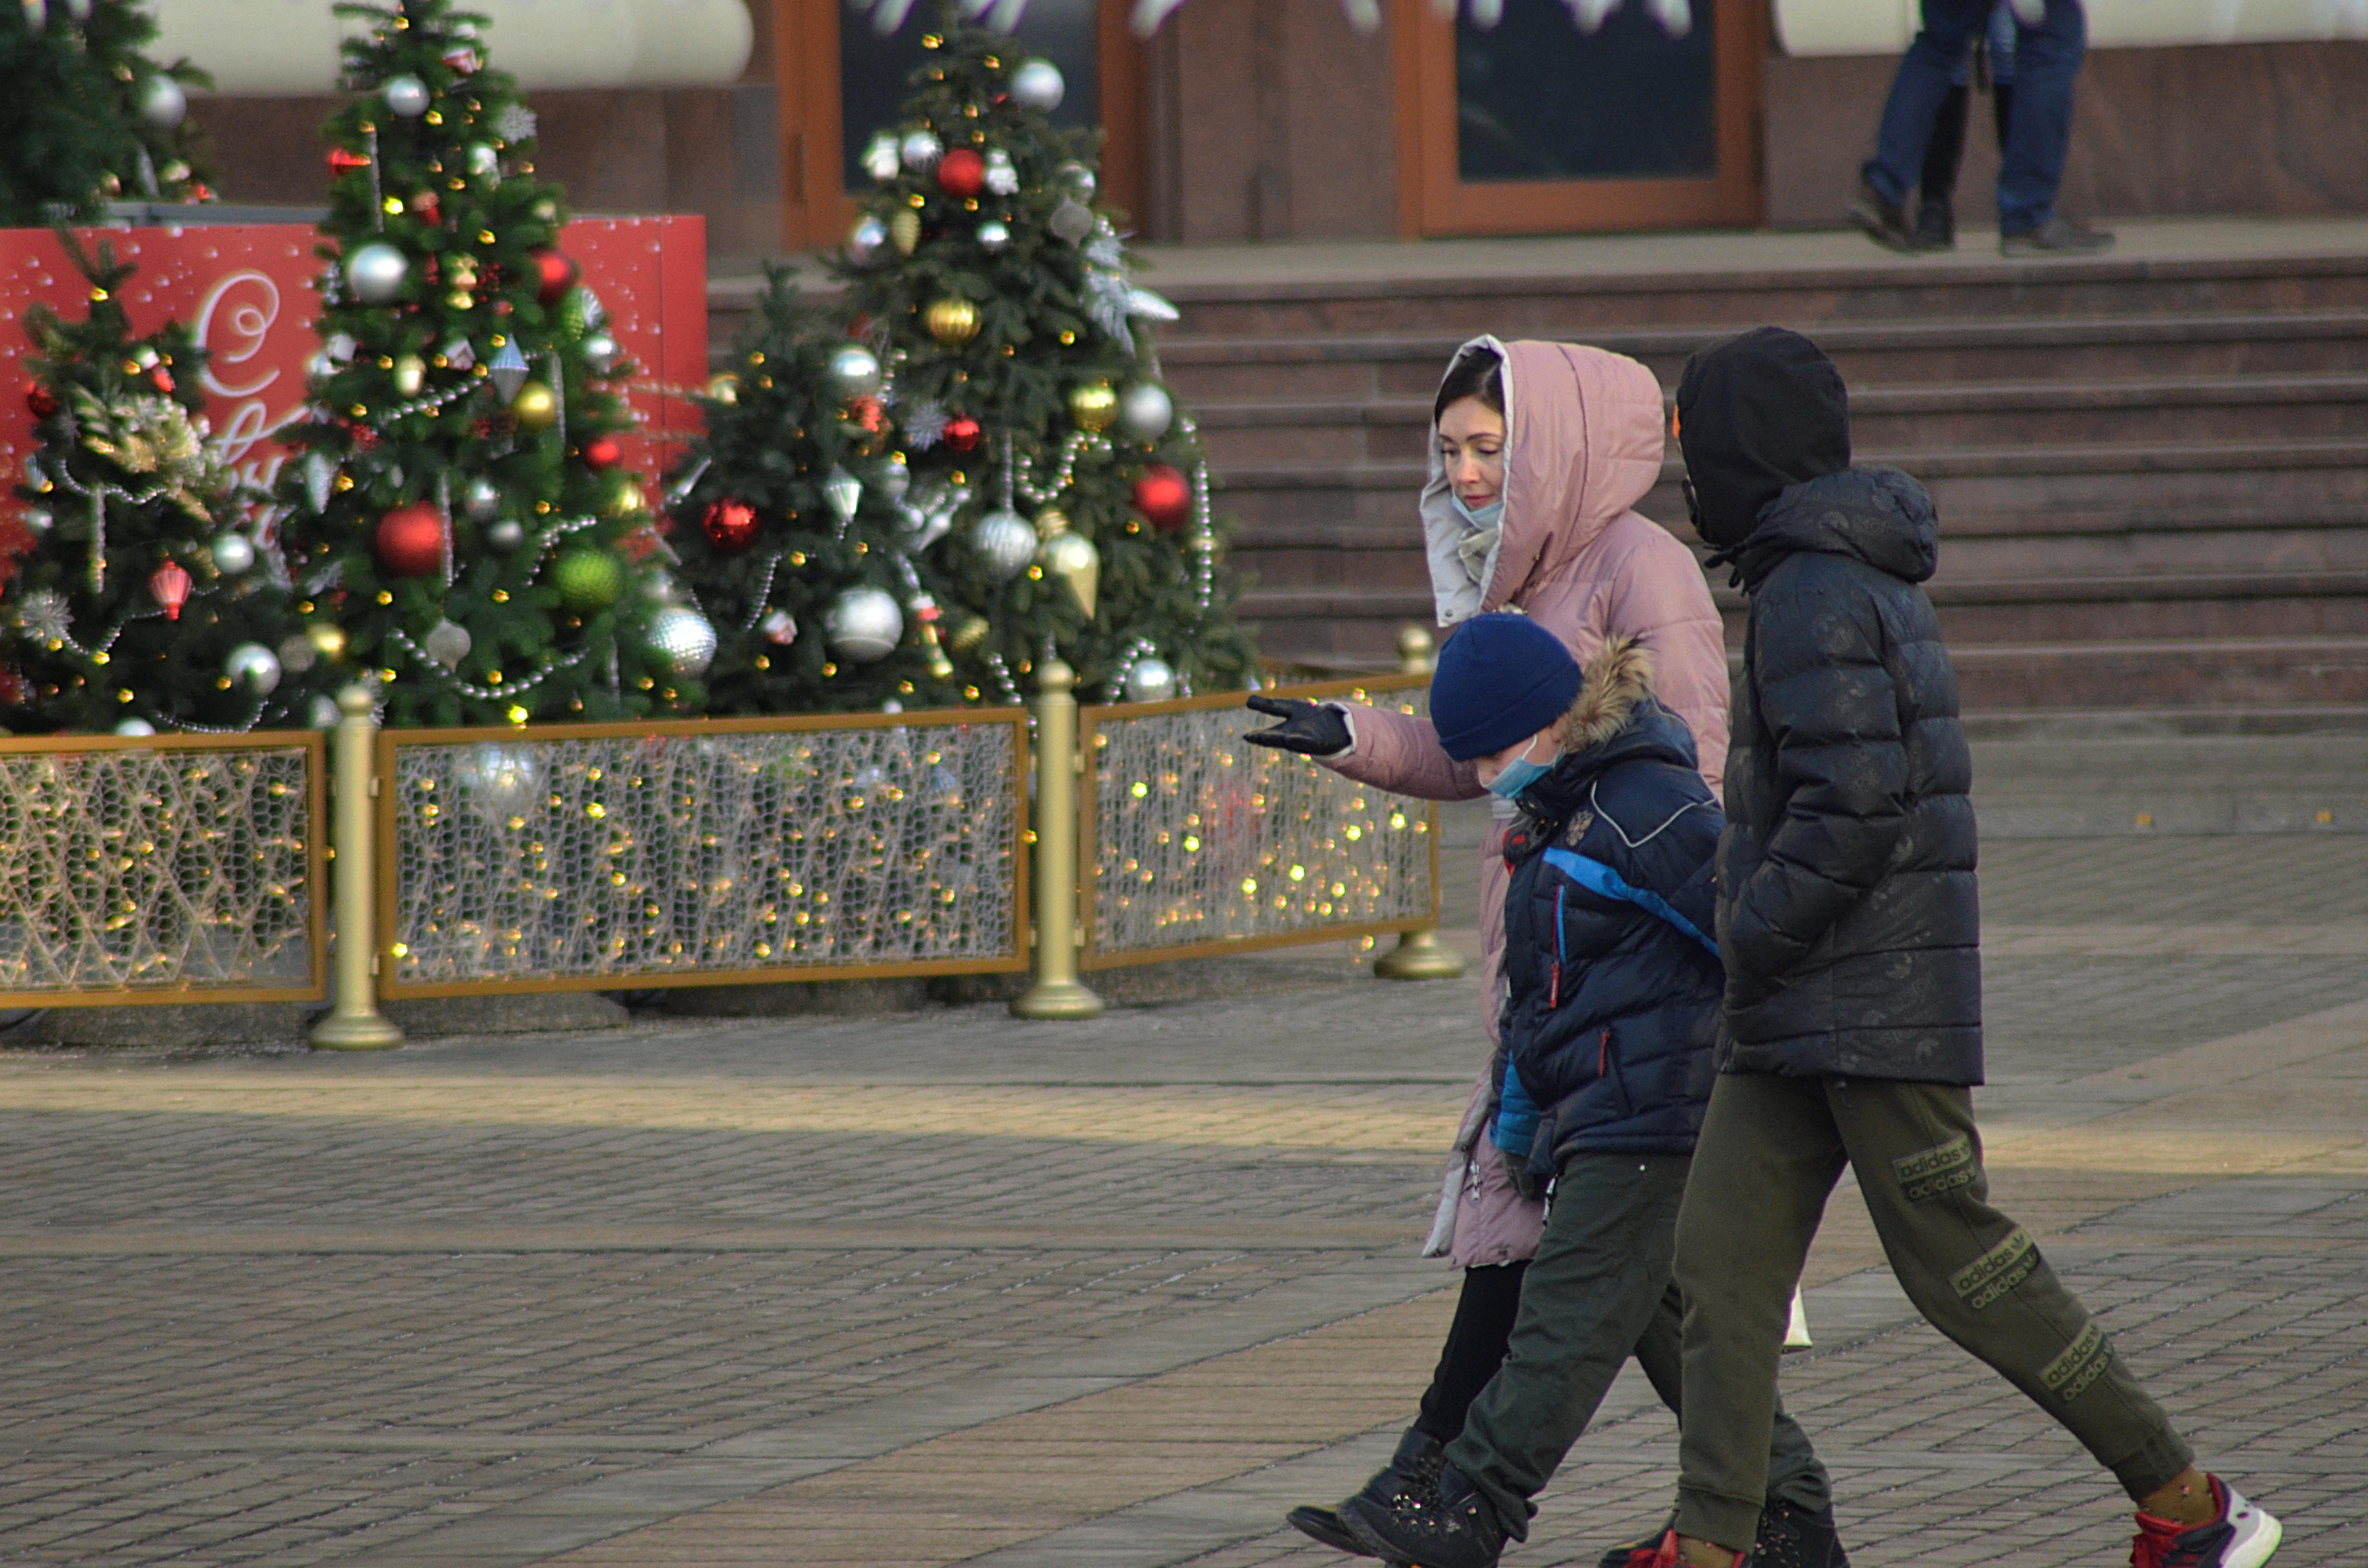 Жителей Москвы предупредили об облачной погоде в субботу. Фото: Анна Быкова